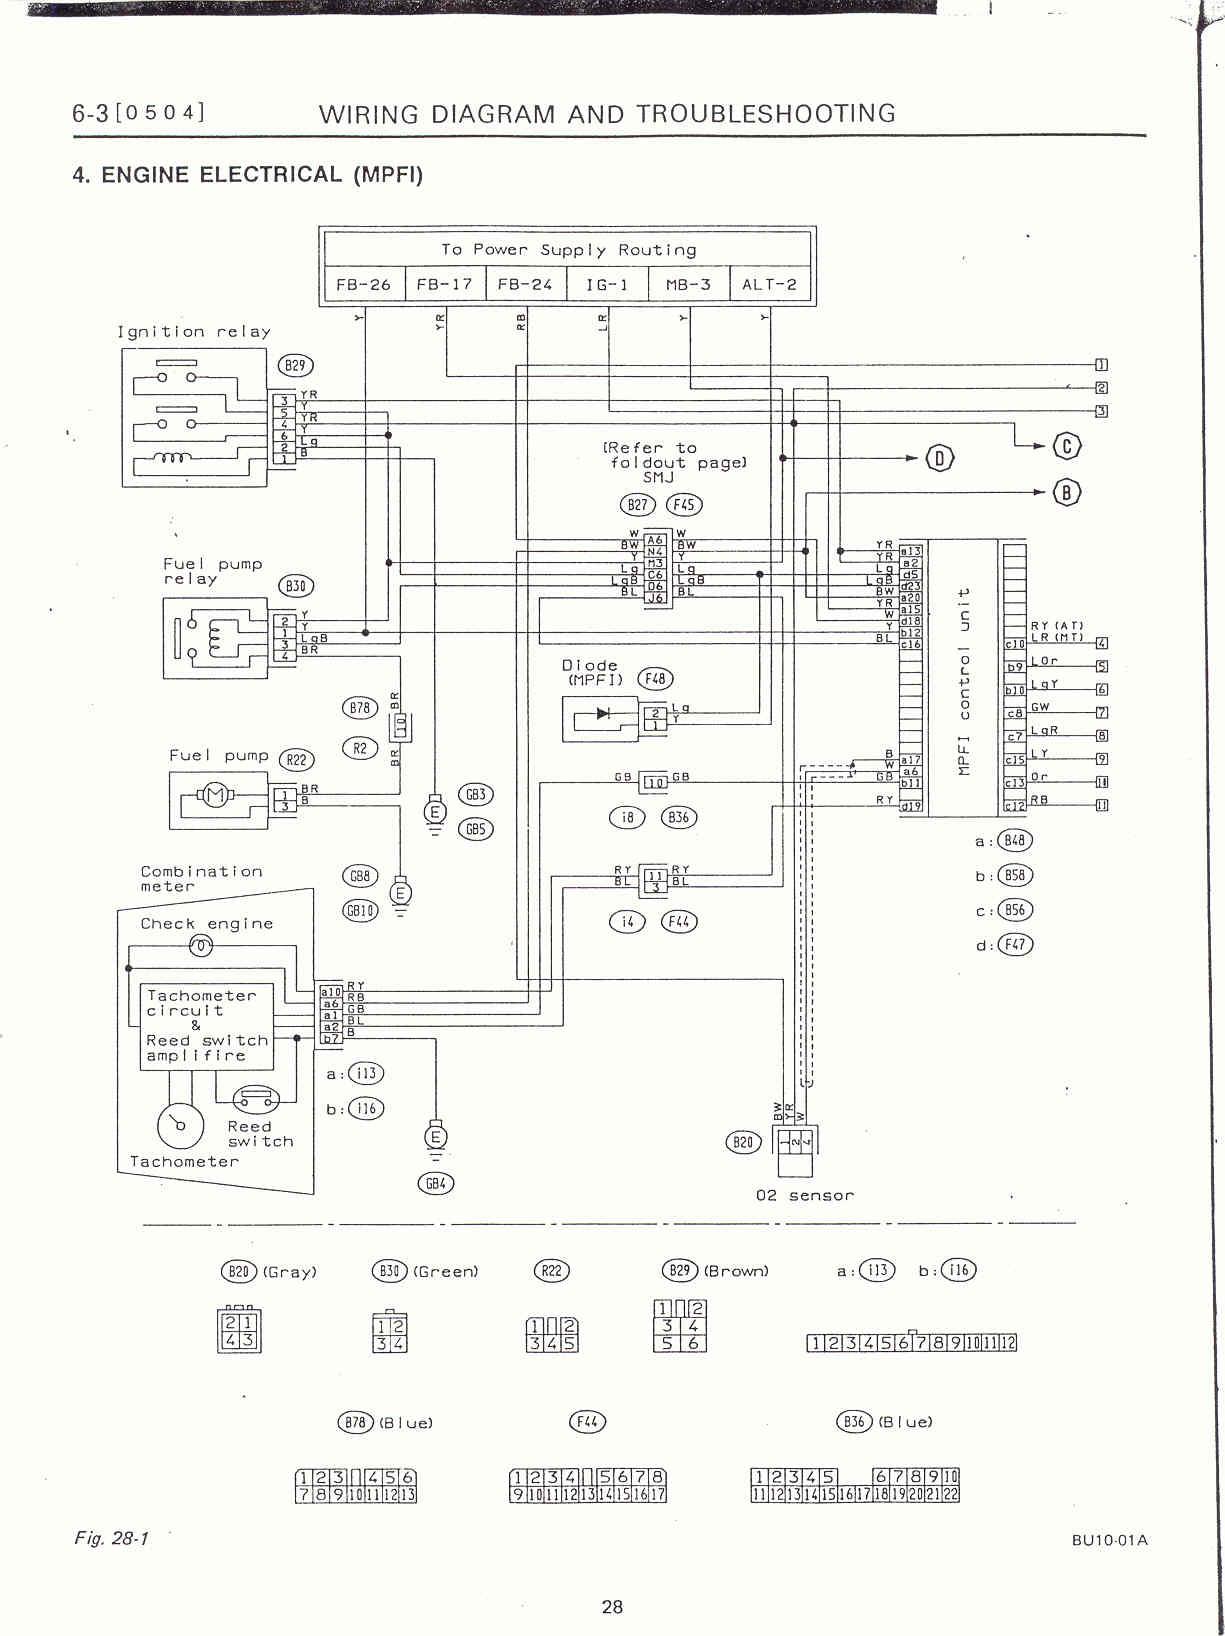 DIAGRAM] 92 Subaru Legacy Wiring Diagram FULL Version HD Quality Wiring  Diagram - DESIGN-DIAGRAM.HULALACLUB.IT design-diagram.hulalaclub.it